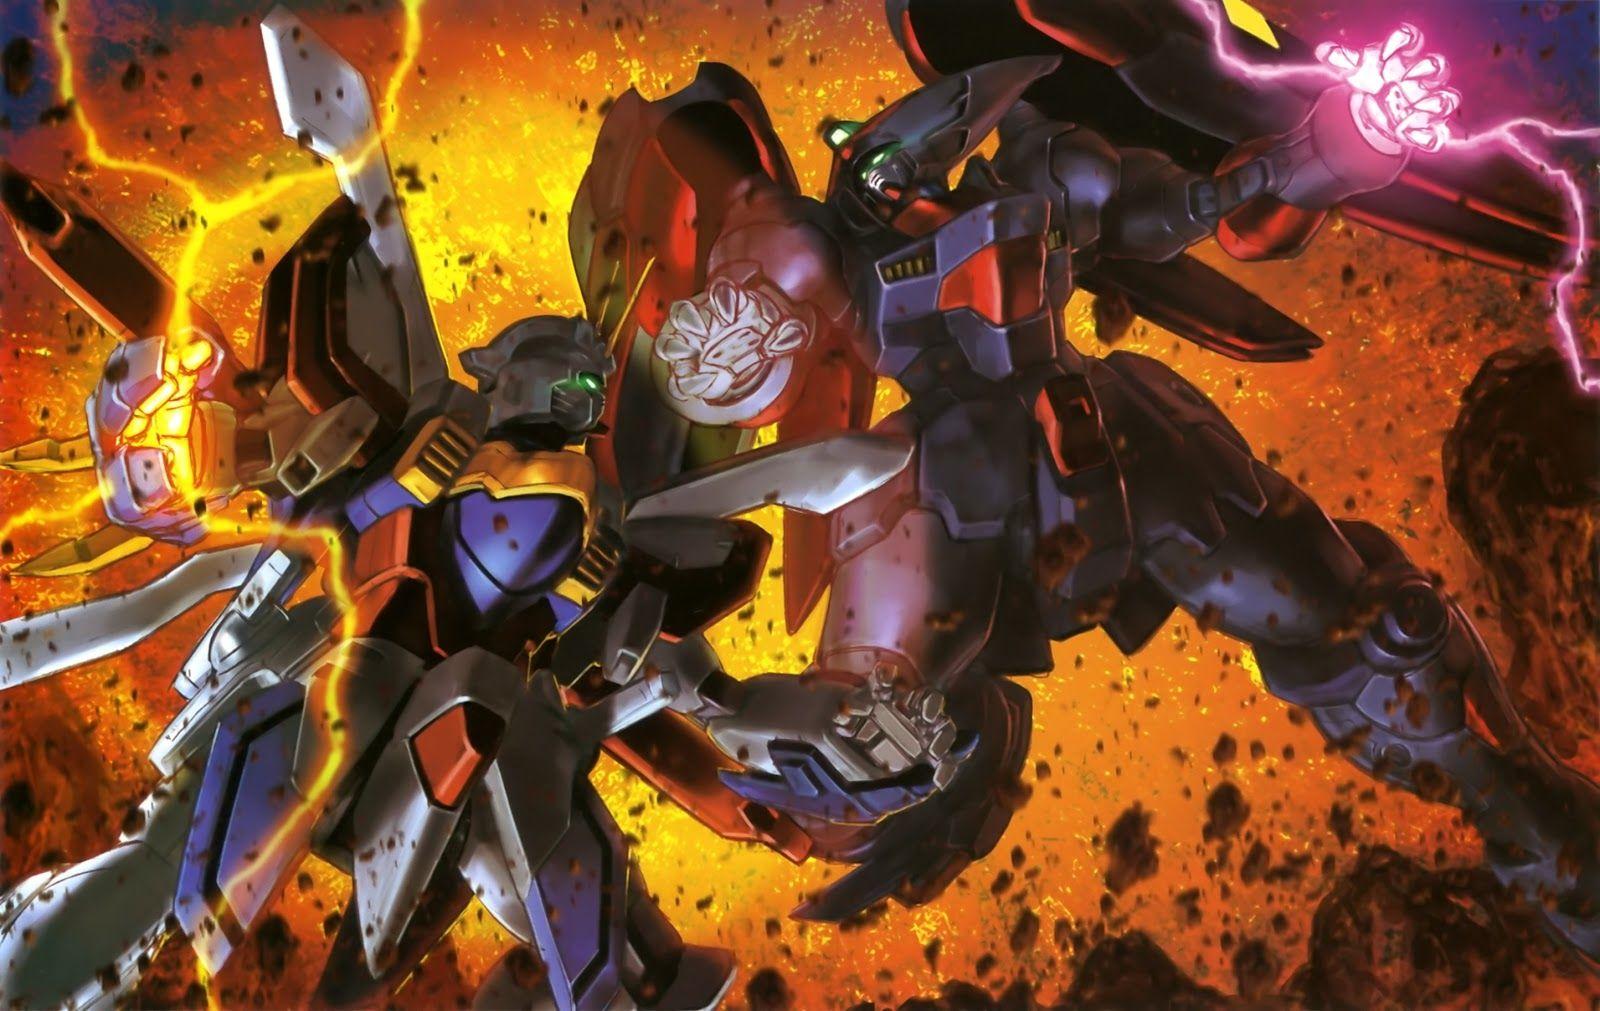 Gundam Walls And Lols God Gundam Vs Master Gundam Wallpaper Gundam Wallpapers Gundam Gundam Toys